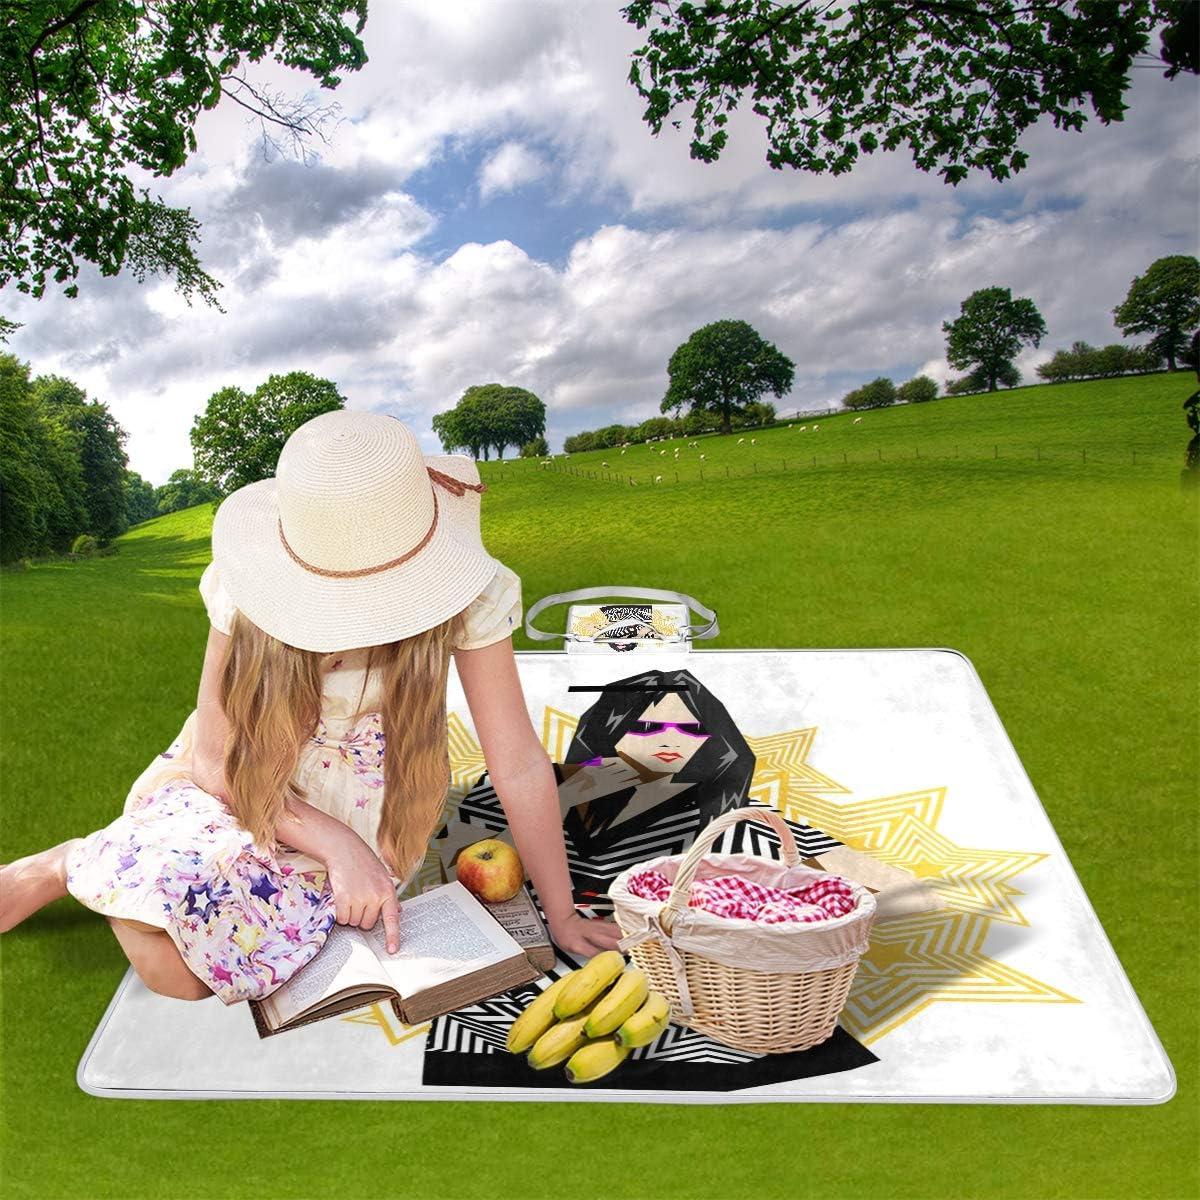 GEEVOSUN Coperta da Picnic Tappetino Campeggio,Illustrazione di Moda Bella Giovane Donna Vintage,Giardino Spiaggia Impermeabile Anti Sabbia 19